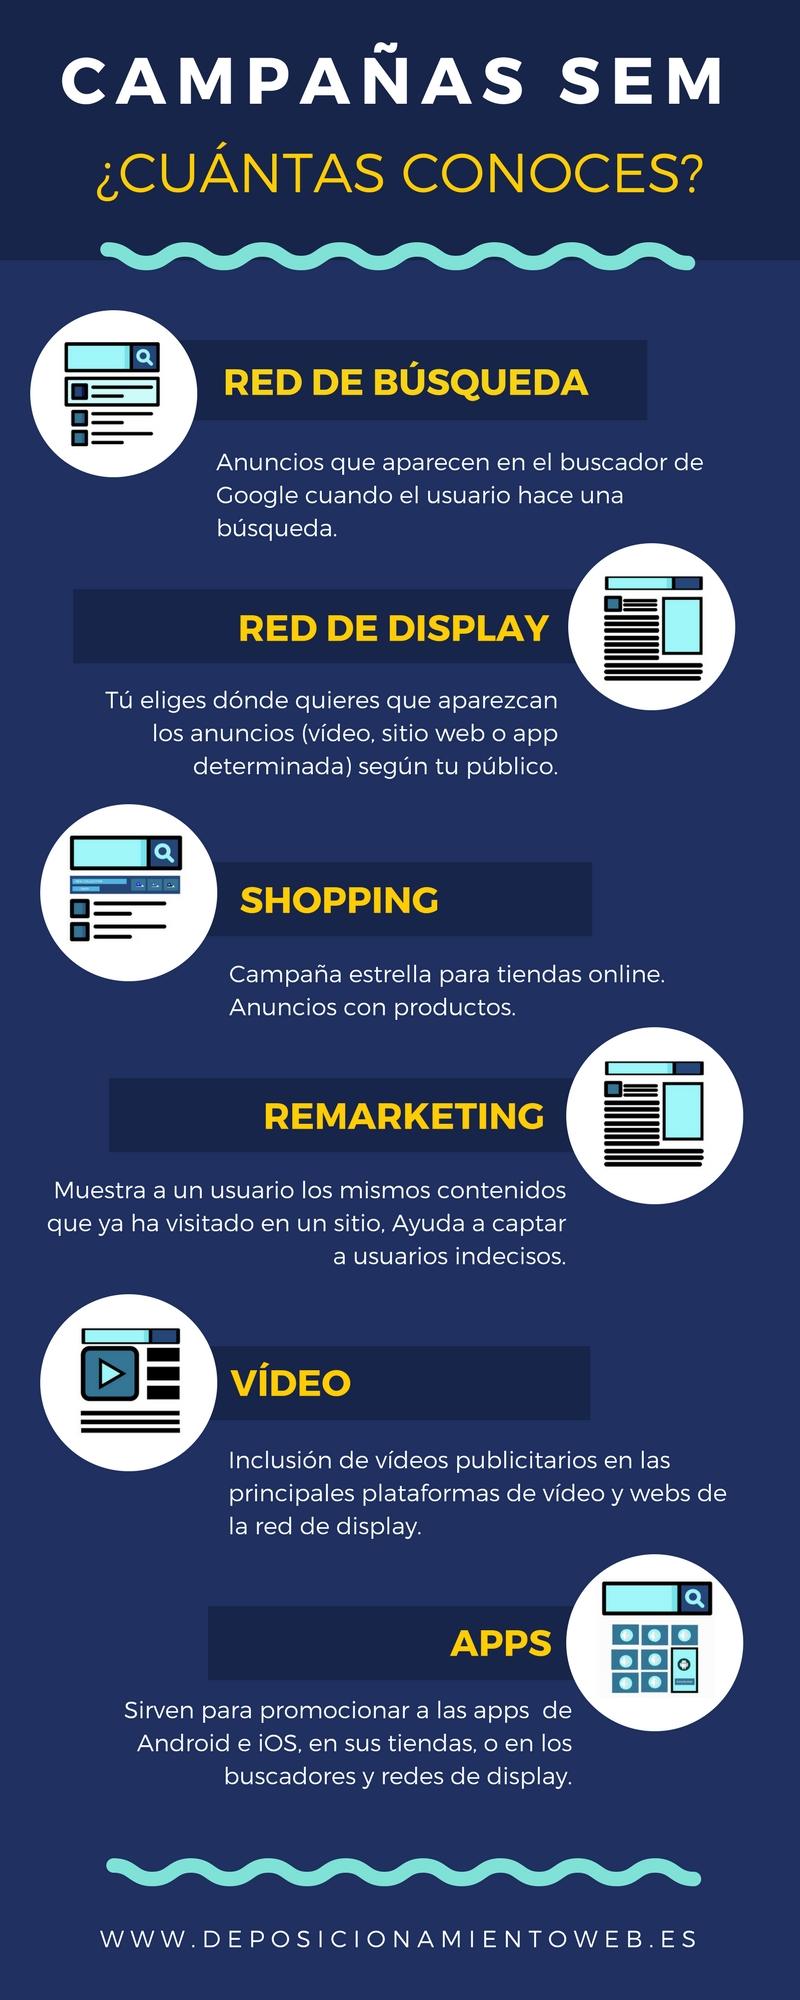 Infografía sobre los tipos de campañas en Google Adwords existentes.